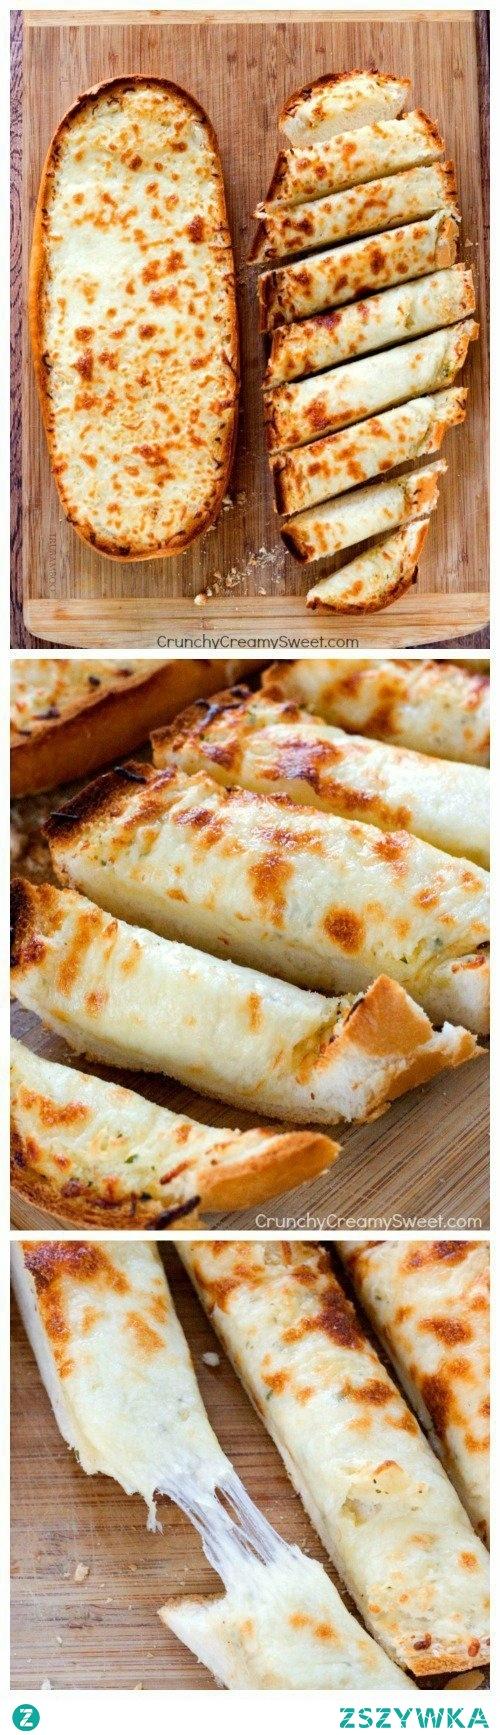 Składniki:  Bochenek włoskiego chleba (myślę że zwykły biały też da radę ;) ) 1/2 szklanki roztopionego masła 1-2 łyżeczek czosnku w proszku (wg uznania) 1 i 1/2 szklanki startej mozarelli   Nagrzewamy piekarnik do 200-205 C Wykładamy blachę pergaminem Przecinamy chleb wzdłuż na pół i rozkładamy, jak na obrazku Obie części smarujemy roztopionym masłem i posypujemy granulowanym czosnkiem Przykrywamy folią aluminiową i wkładamy do piekarnika na 10-12 minut Odkrywamy folię i posypujemy chleb startą mozarellą Wkładamy z powrotem do piekarnika i pieczemy 2-4 minuty (w zależności od potrzeb), aż ser się rozpuści i zarumieni Wyjmujemy na deskę do krojenia, chwilę studzimy, kroimy i podajemy